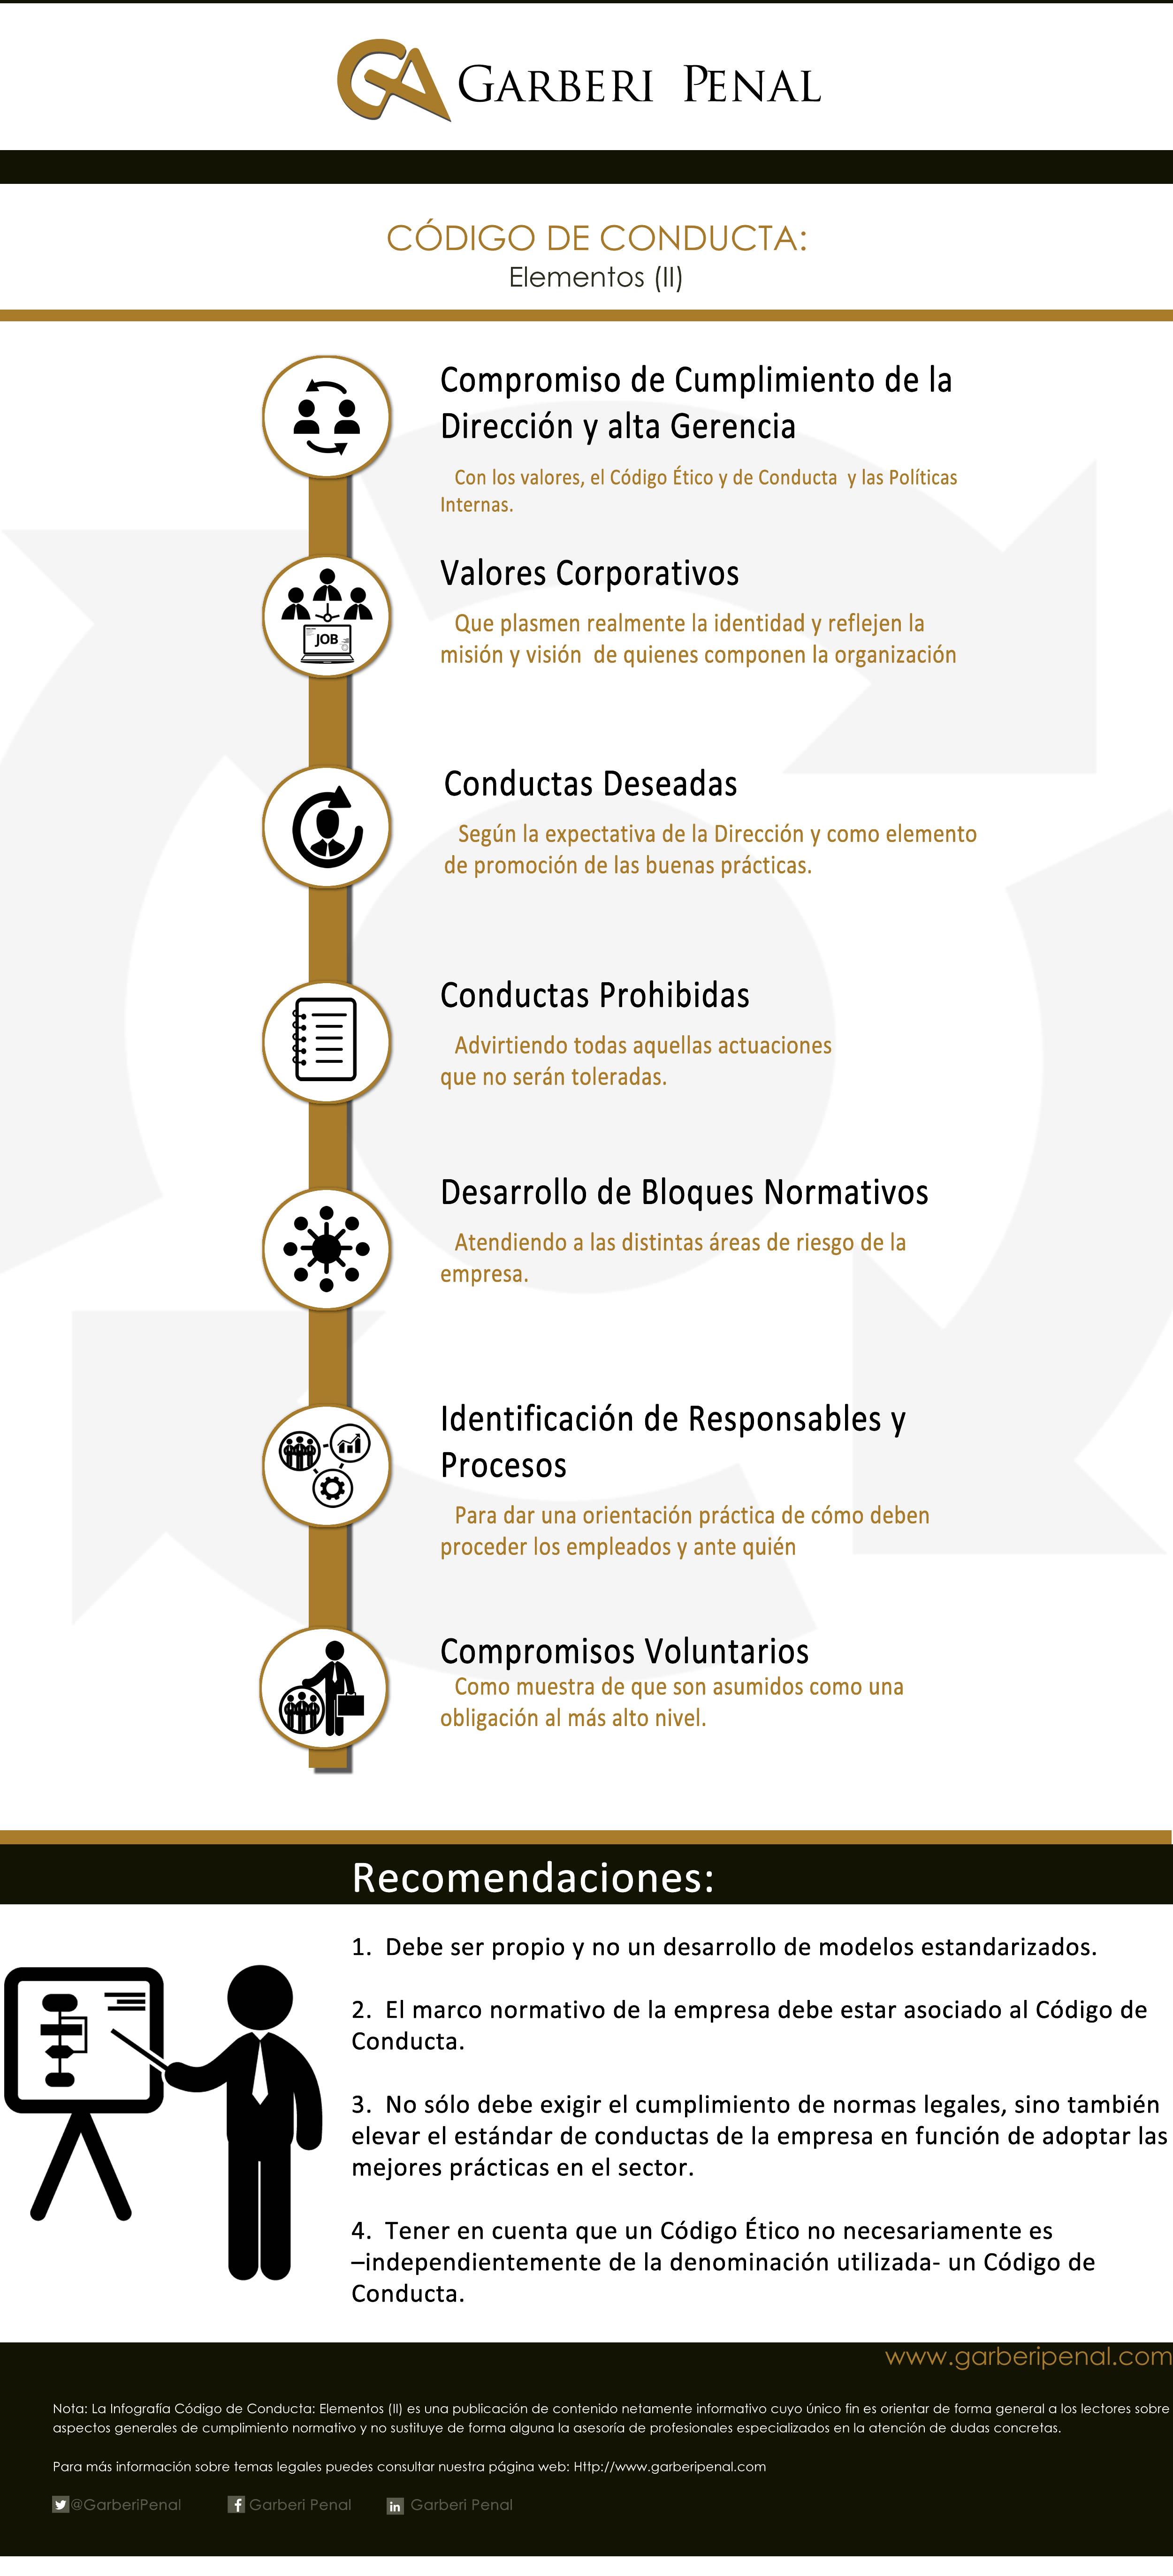 Elementos de los Códigos de Conducta